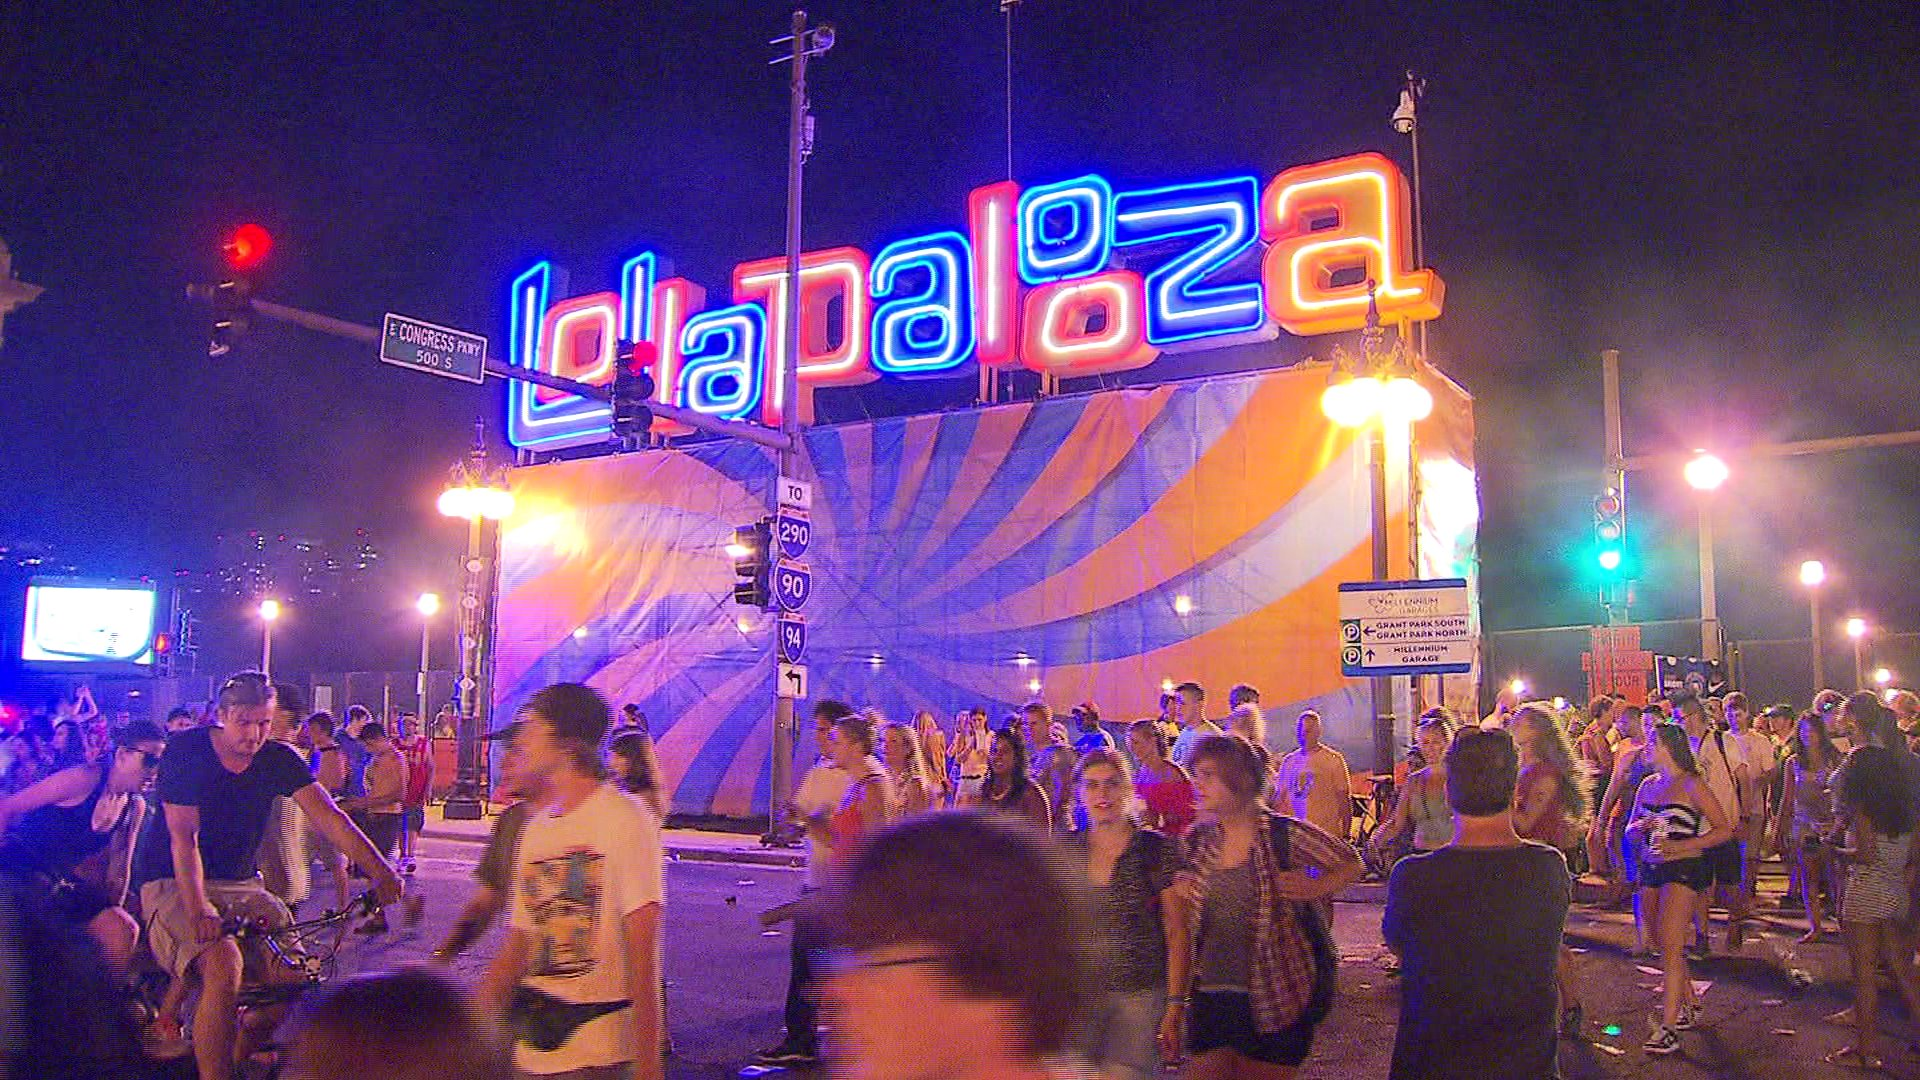 Lake palace casino free spins